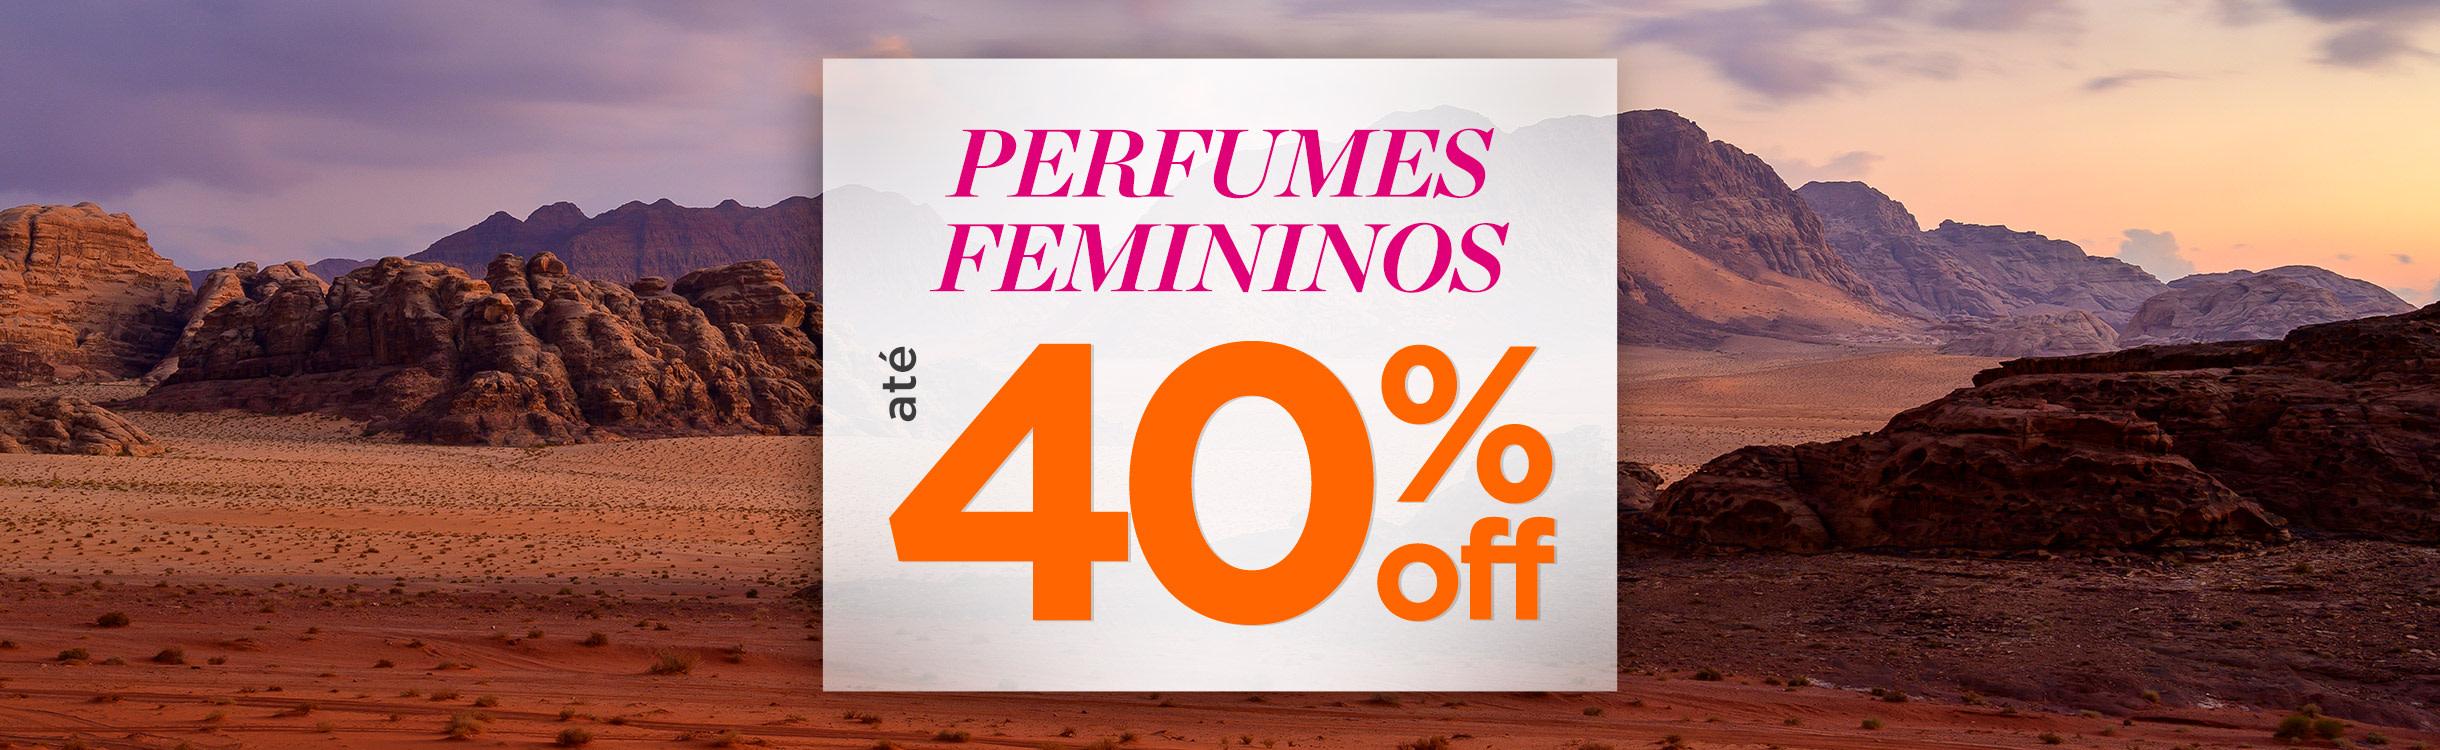 Perfumes para os signos de Terra!